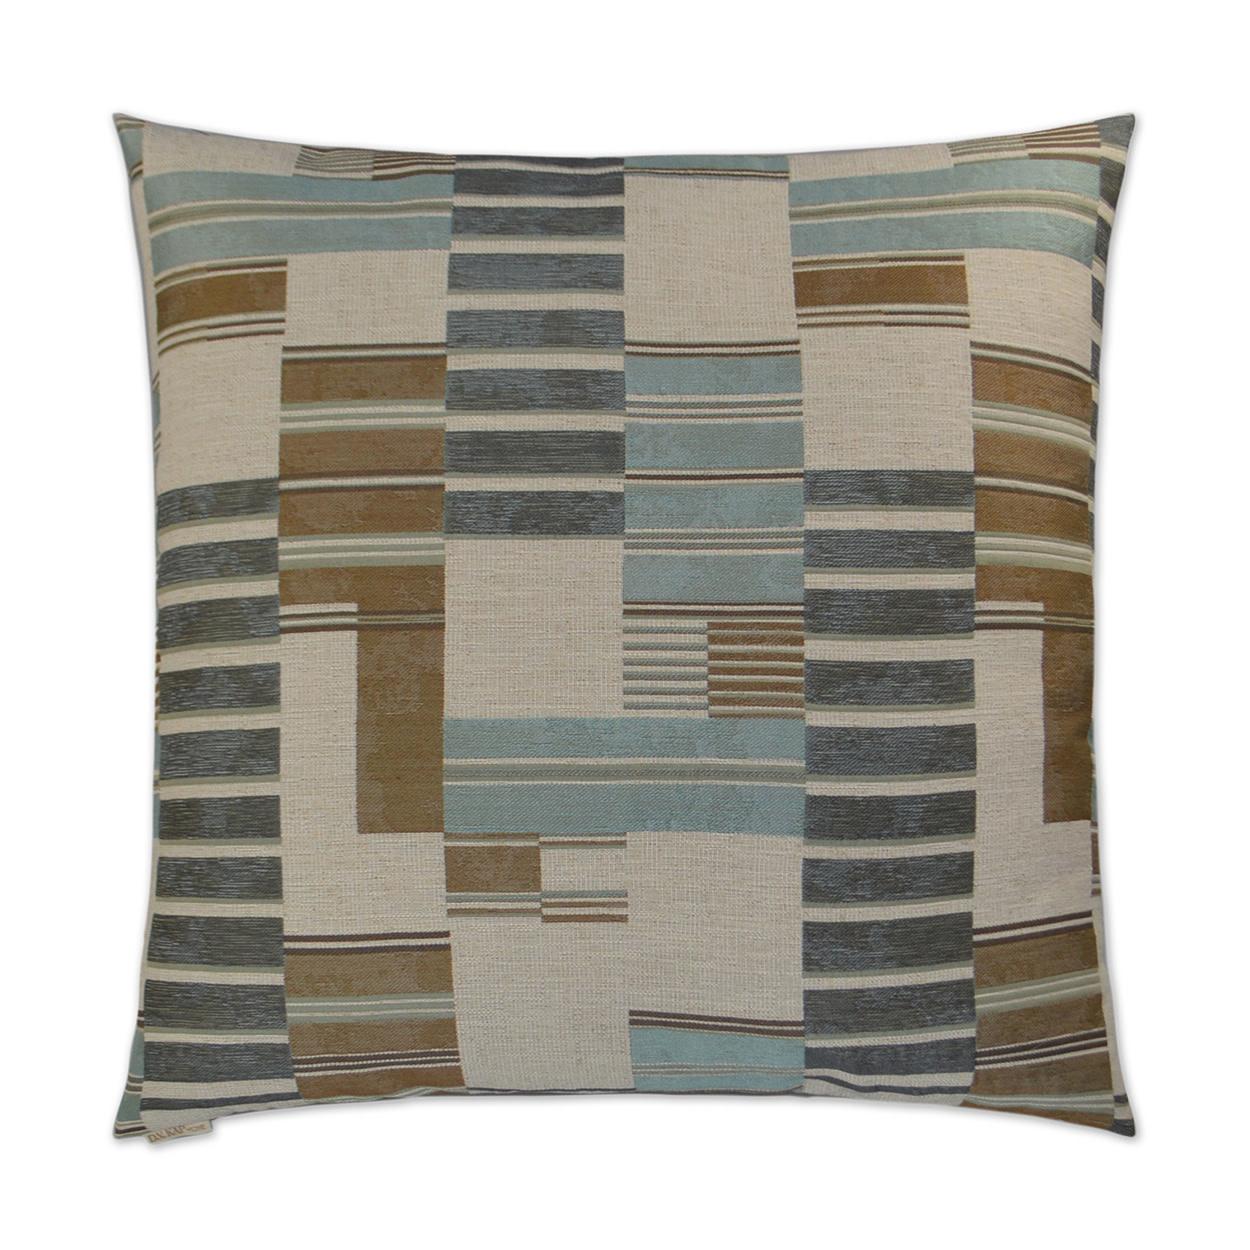 Renegade Pillow - 22 x 22